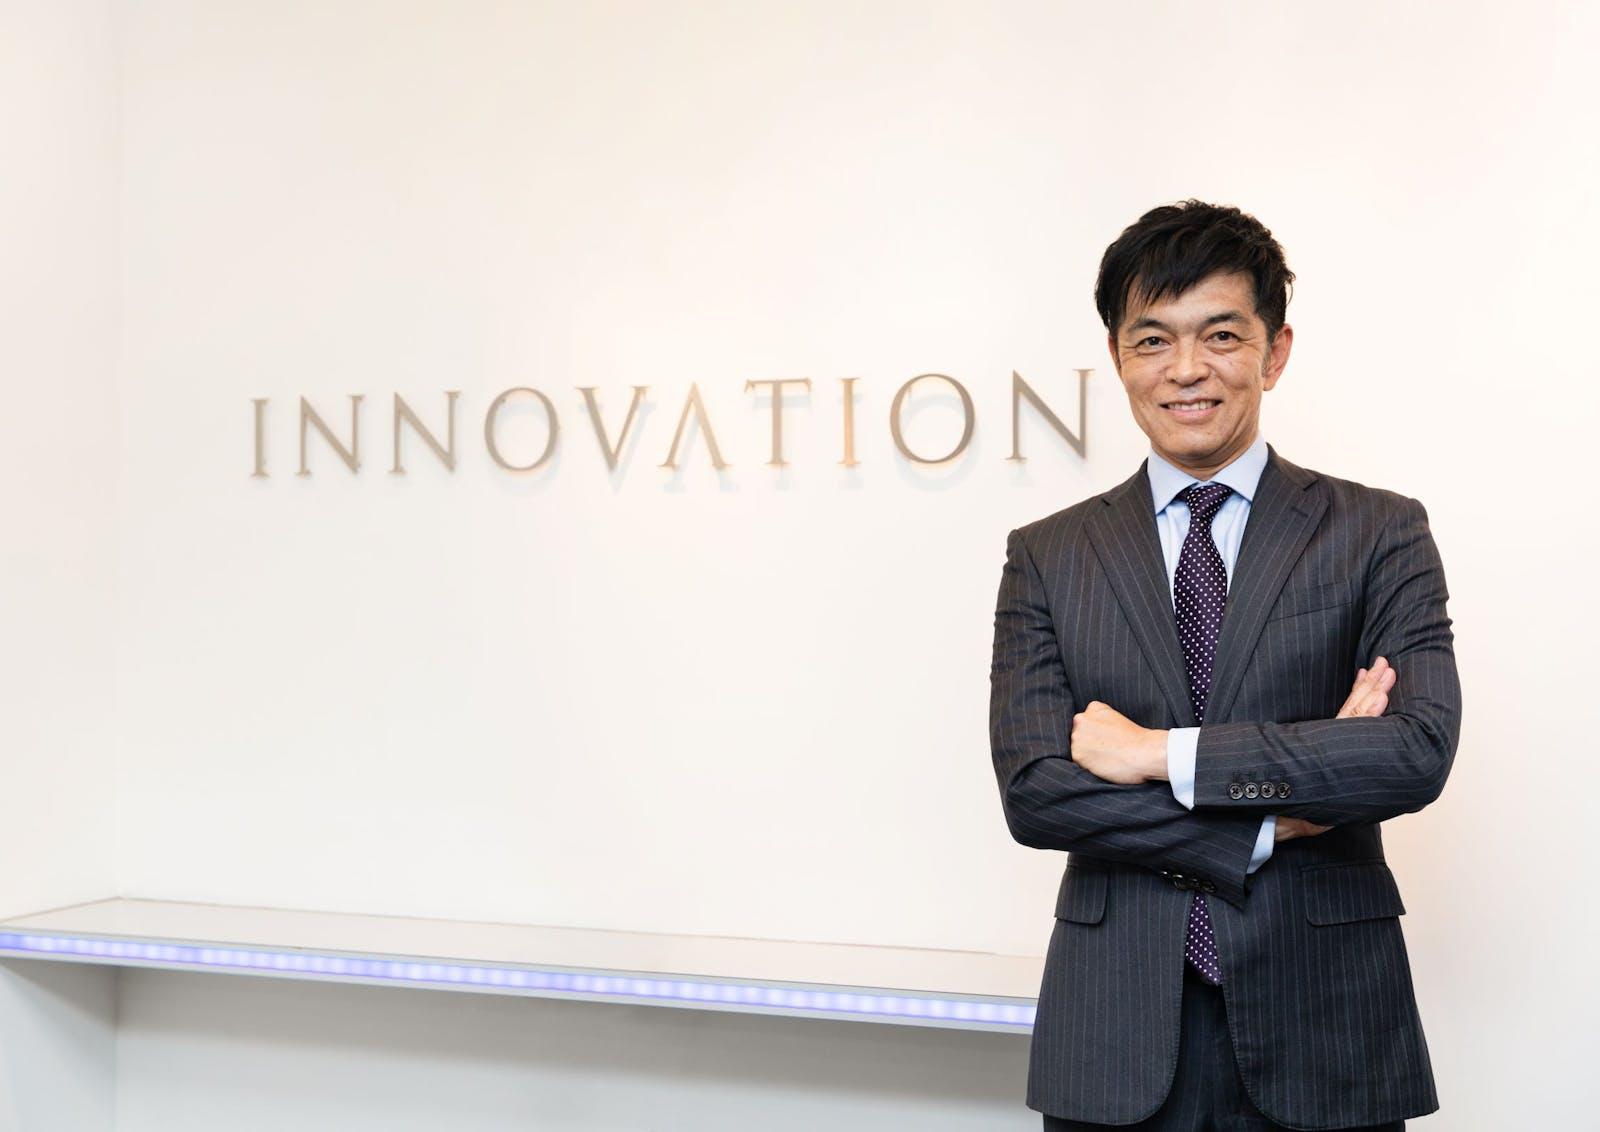 株式会社イノベーションのアイキャッチ画像